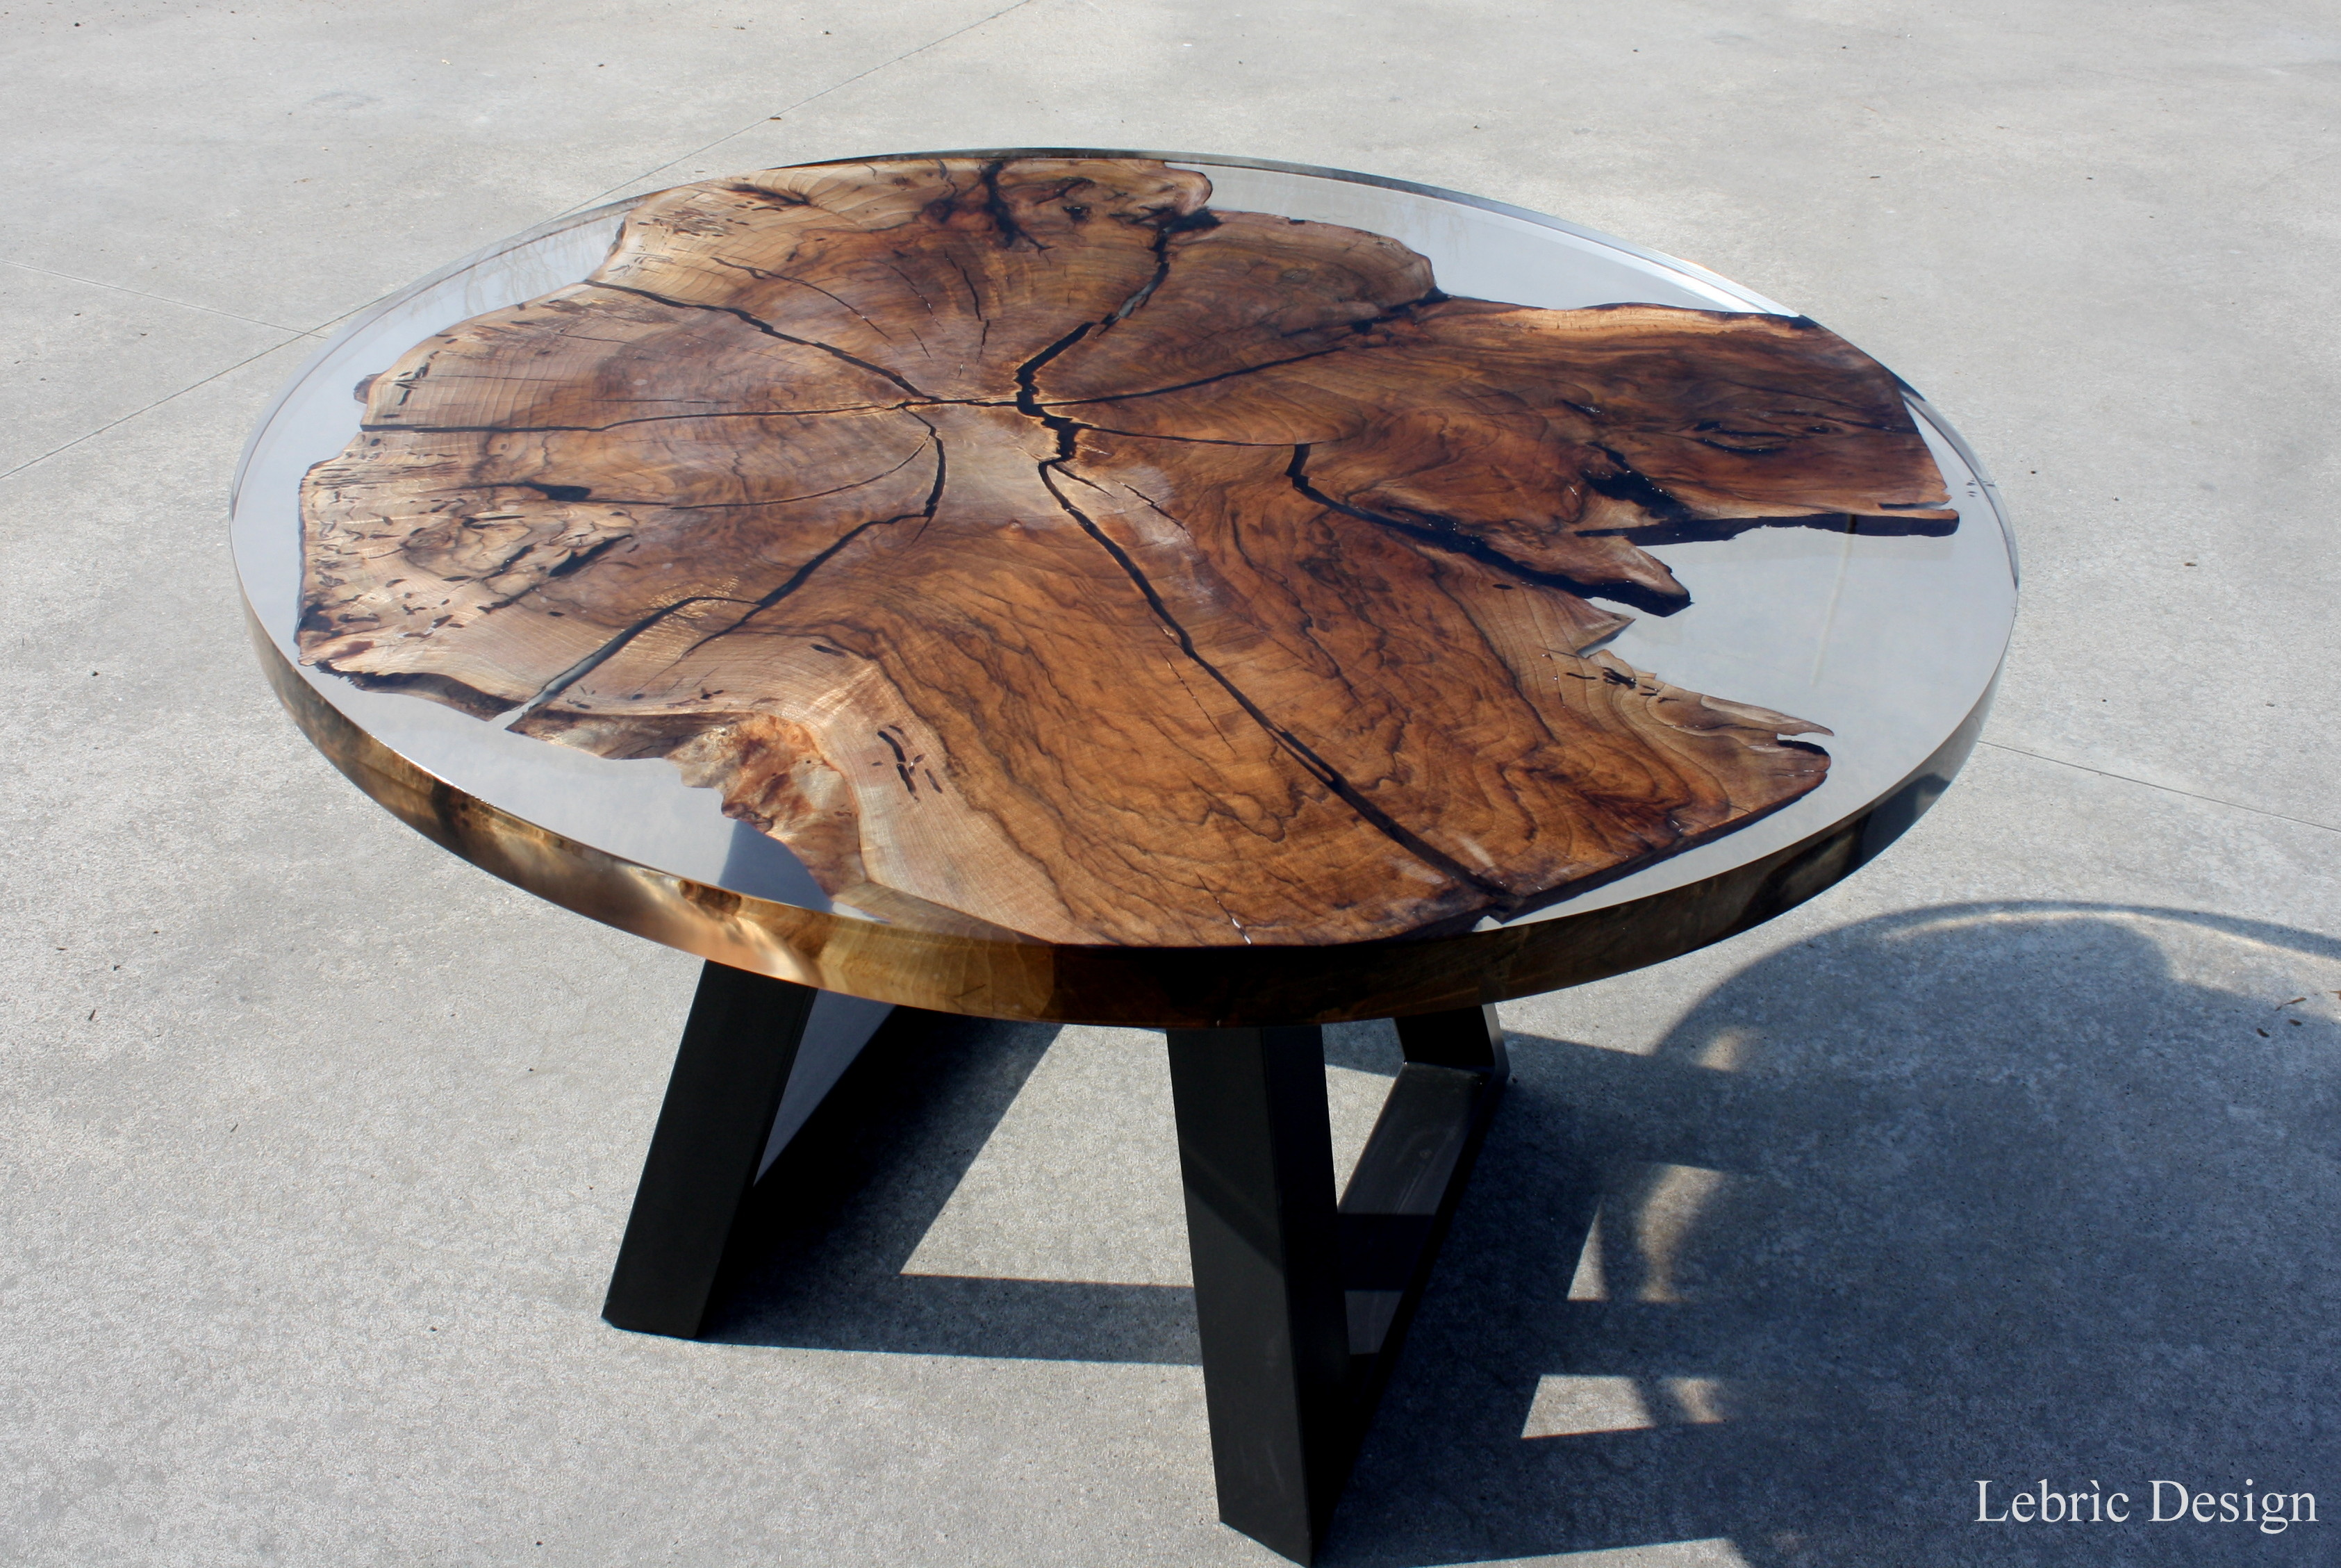 Tavoli di design in legno e resina Luna < Tavoli in legno e resina ...